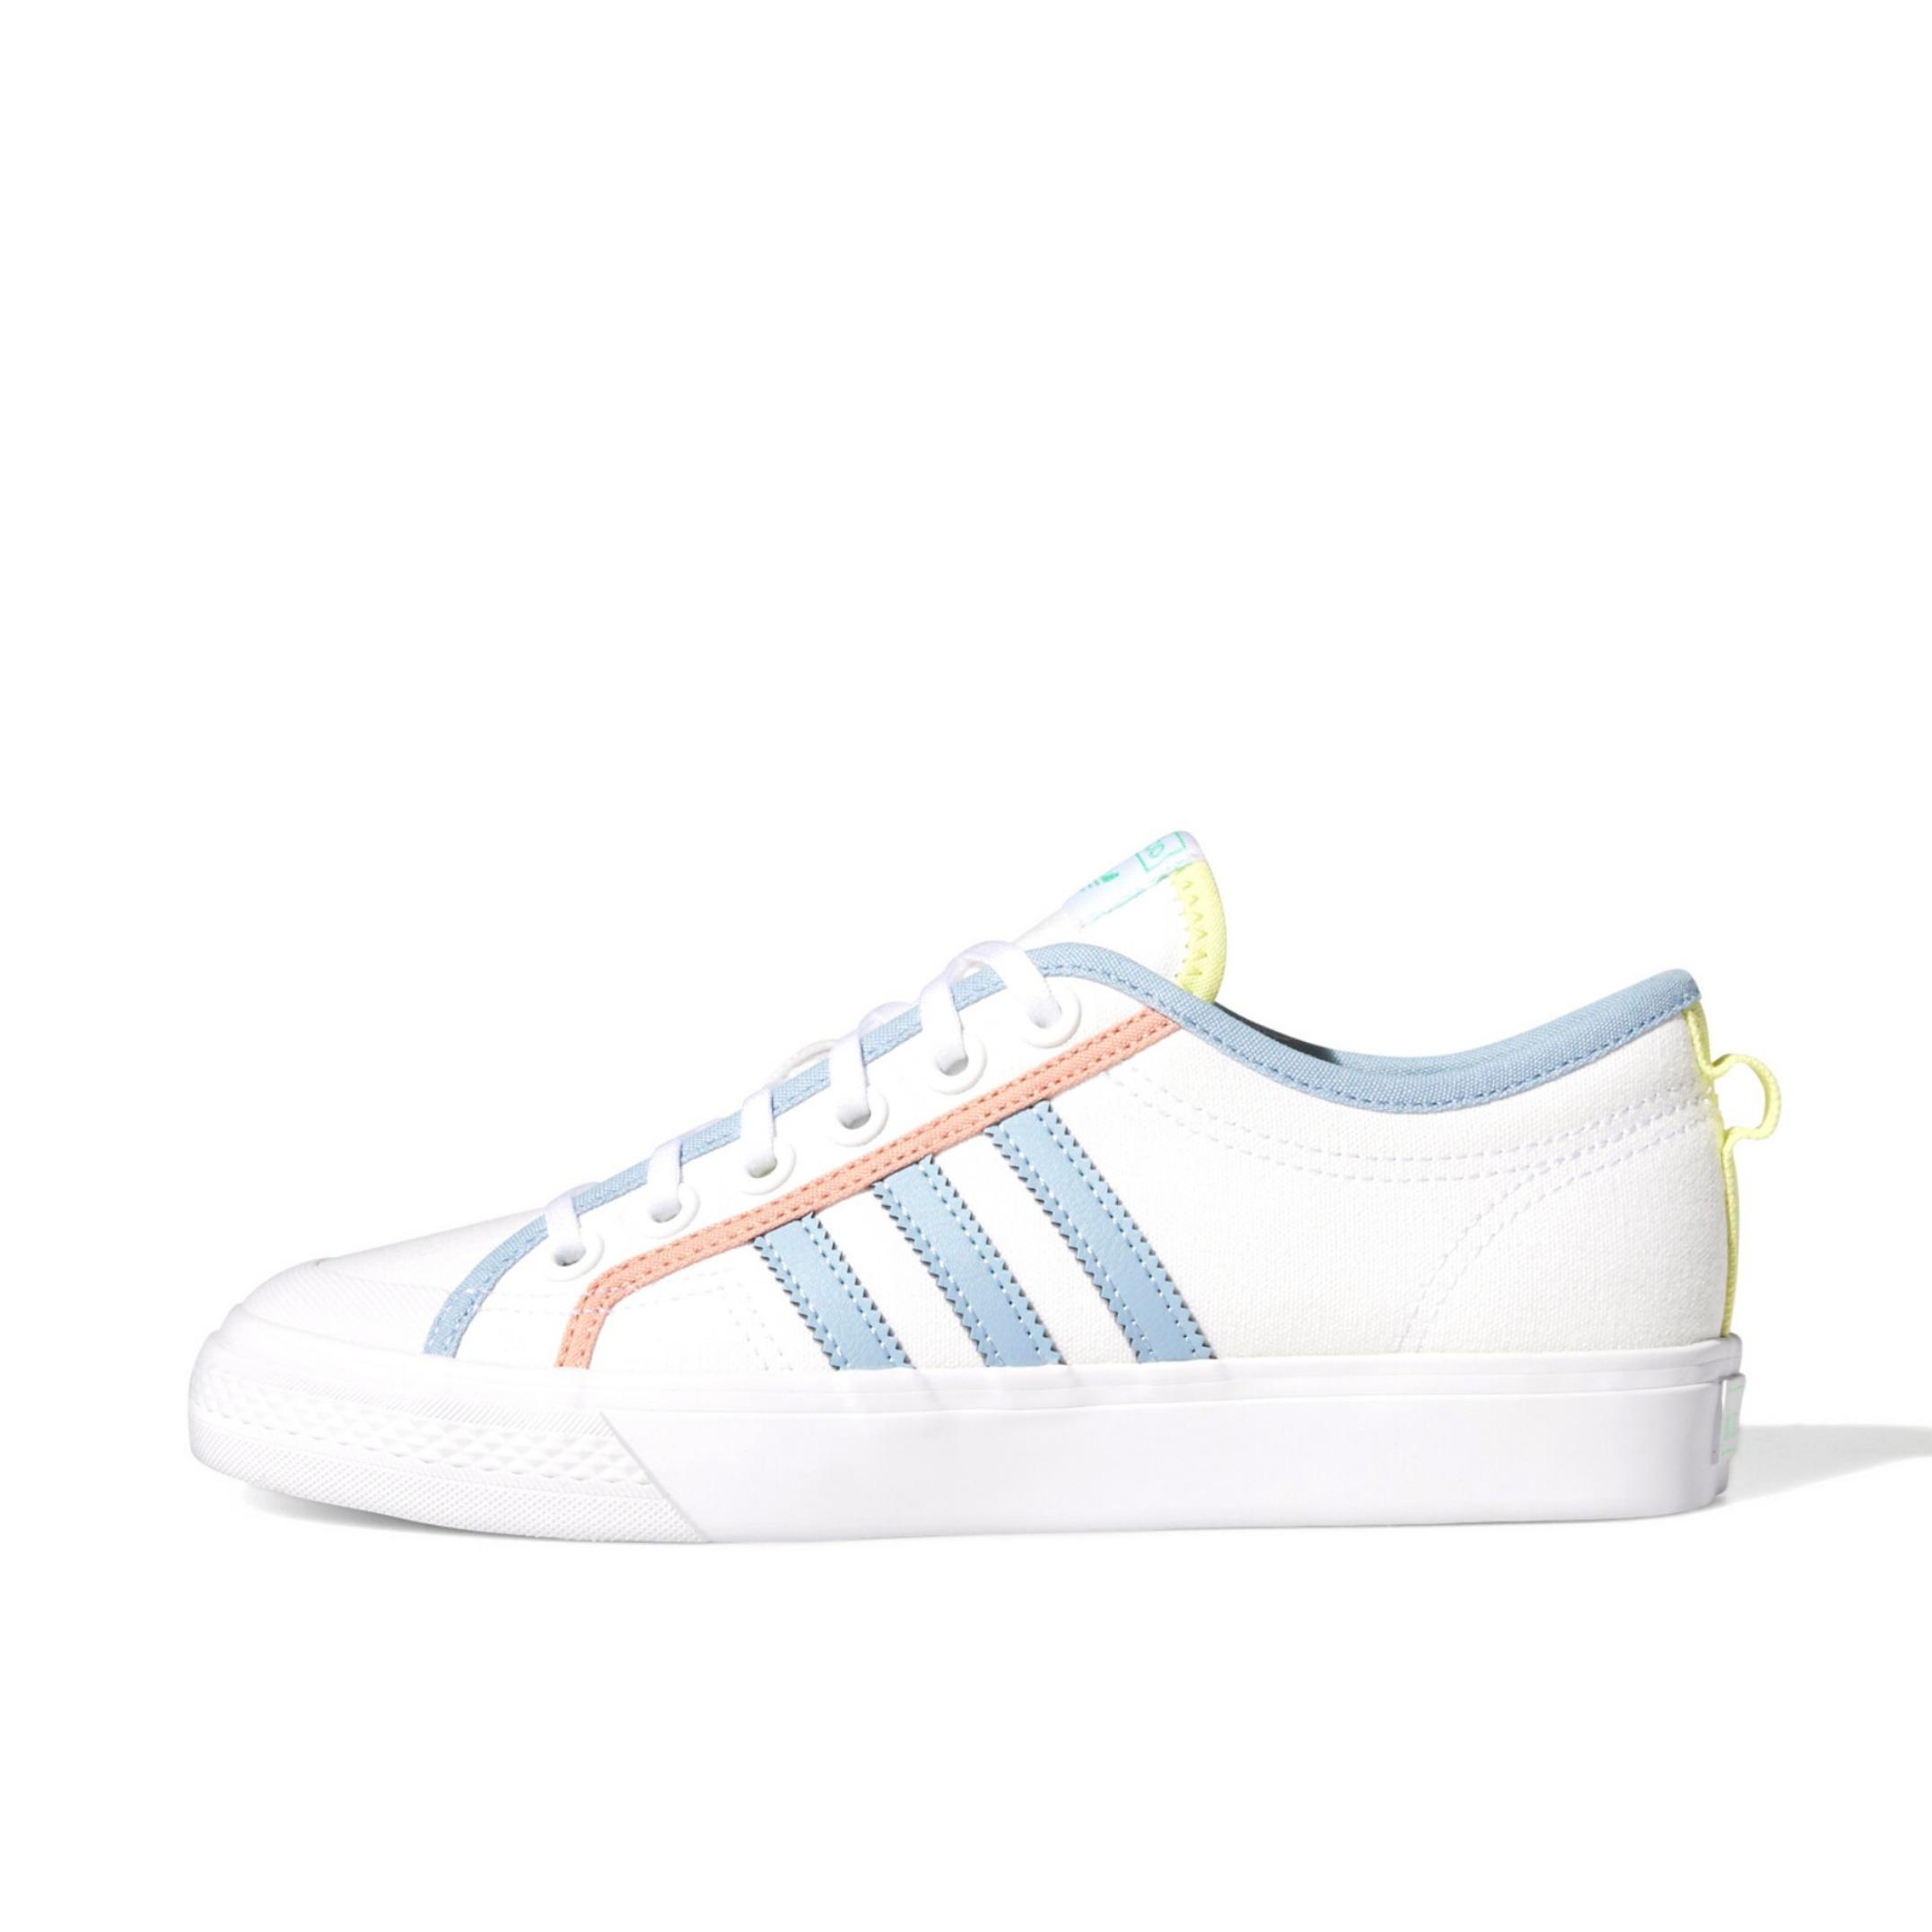 Adidas Niza W